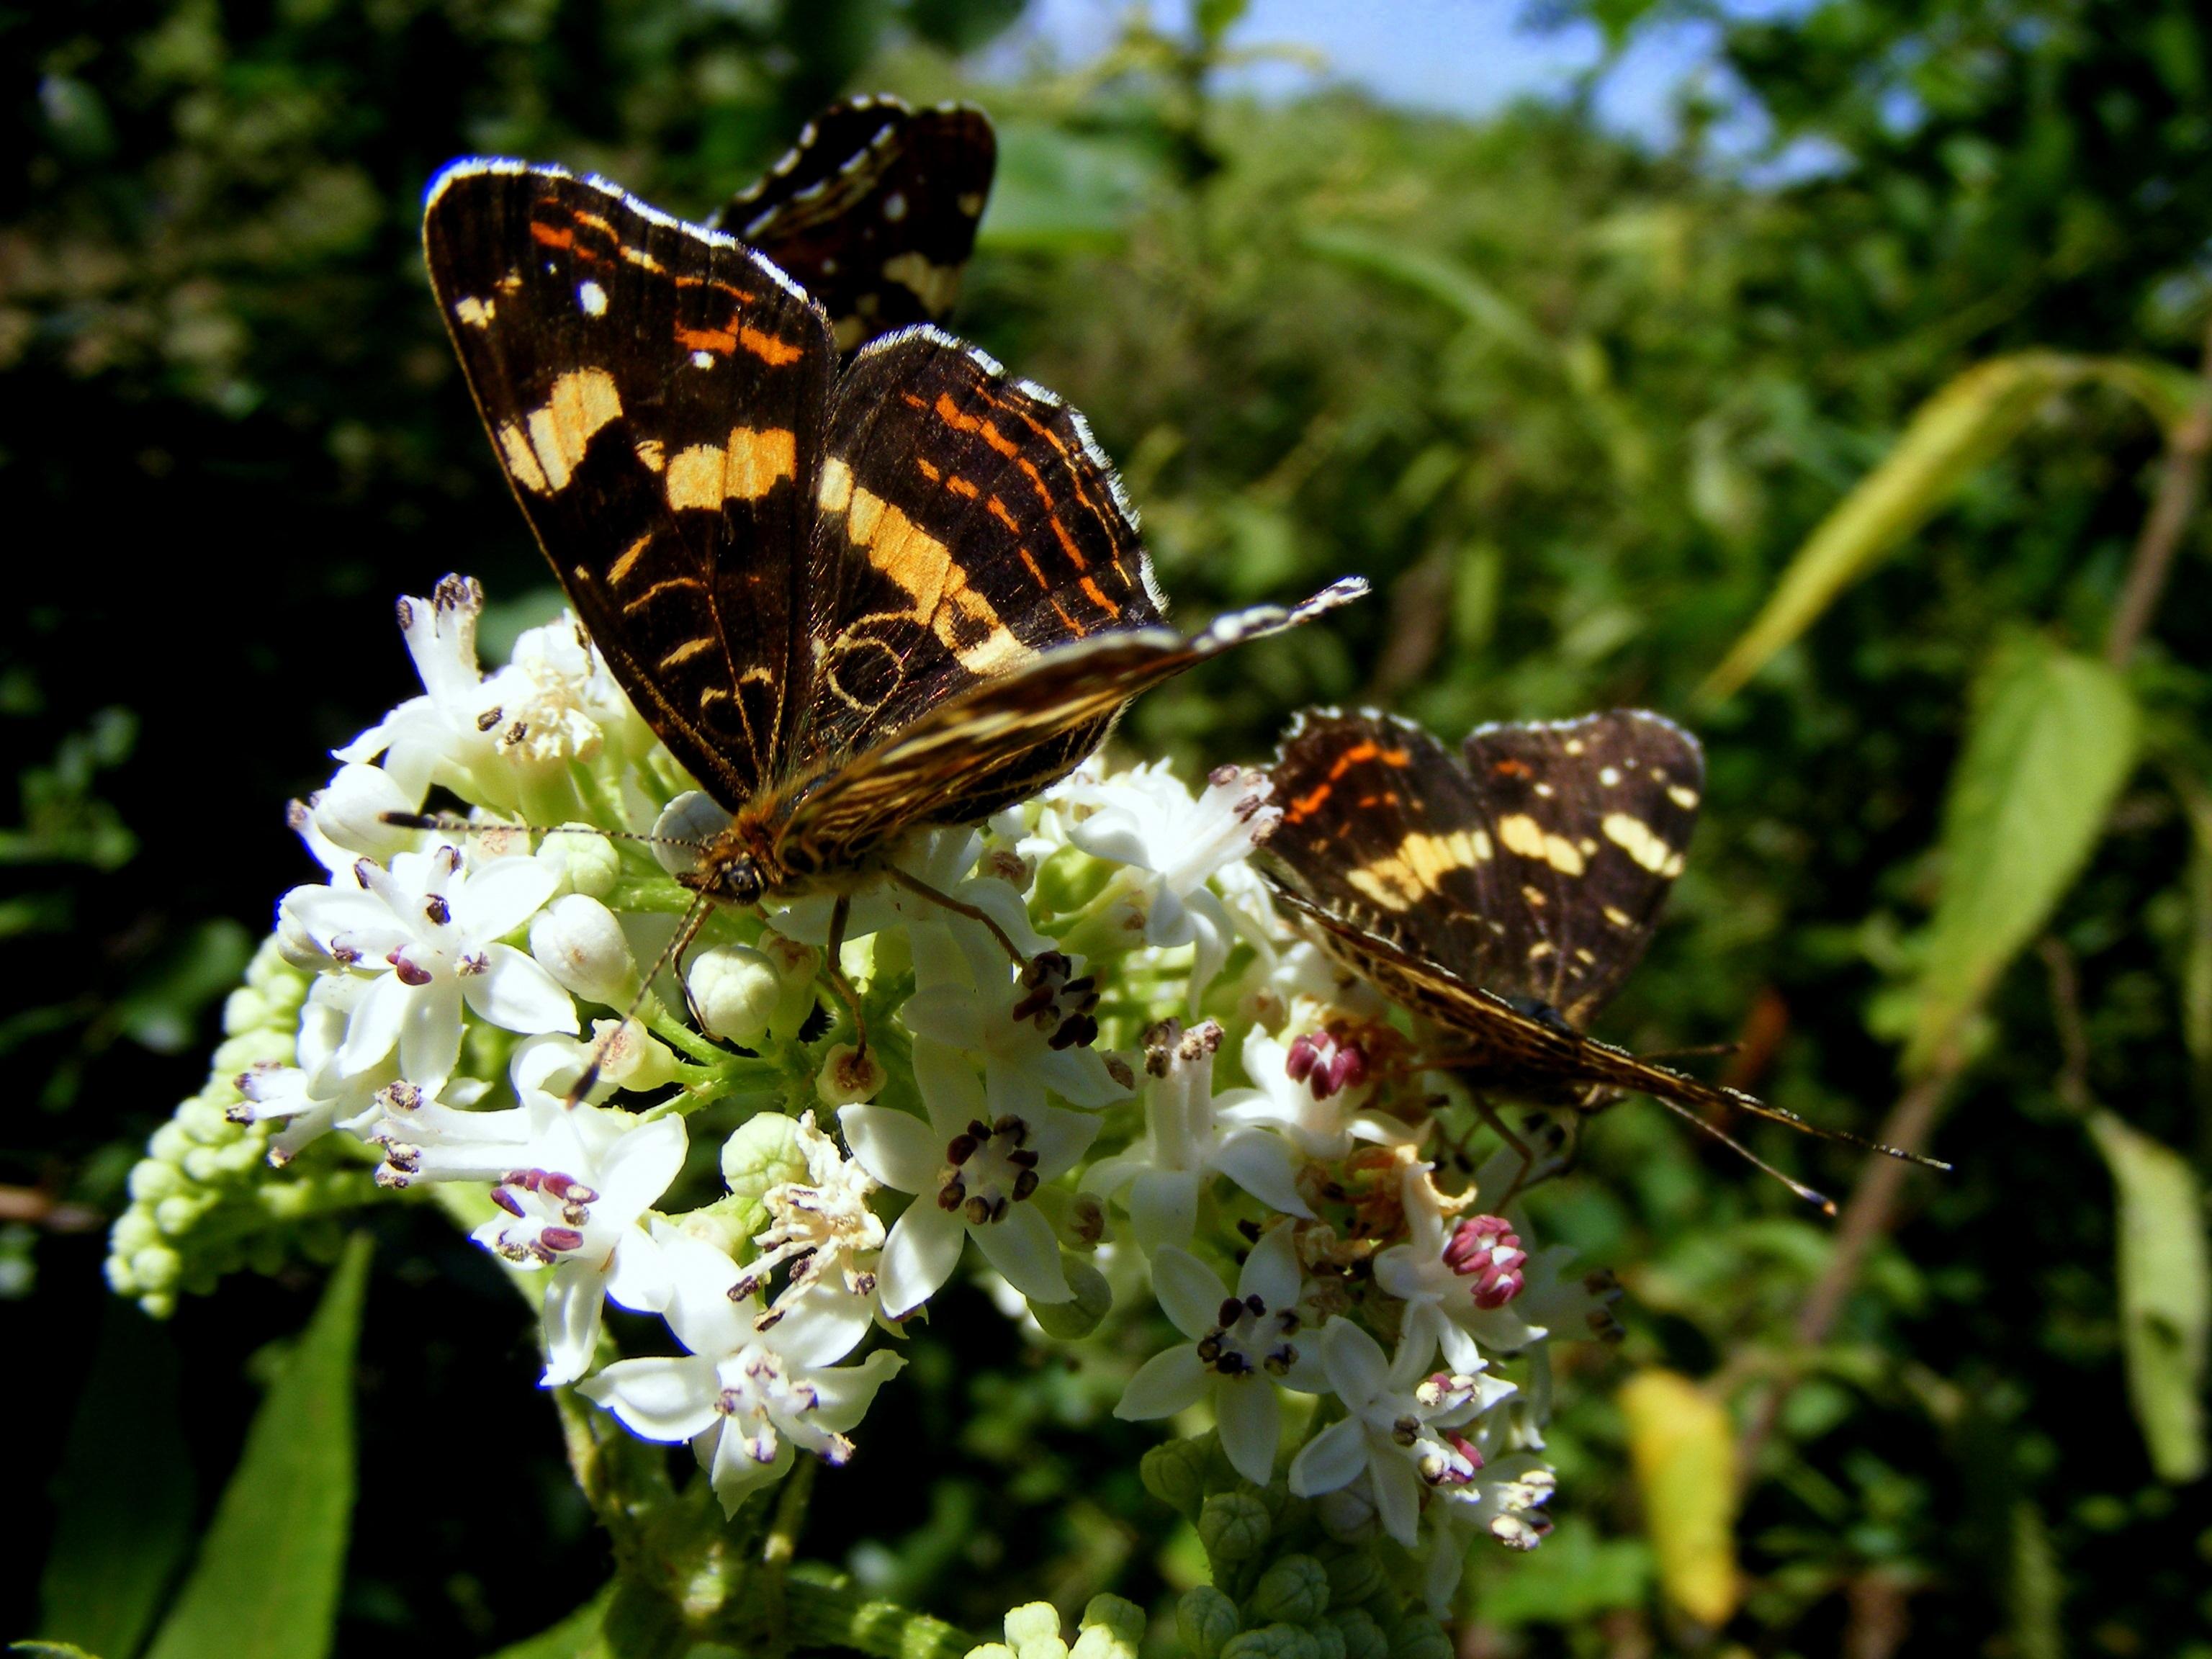 Brown butterflies photo